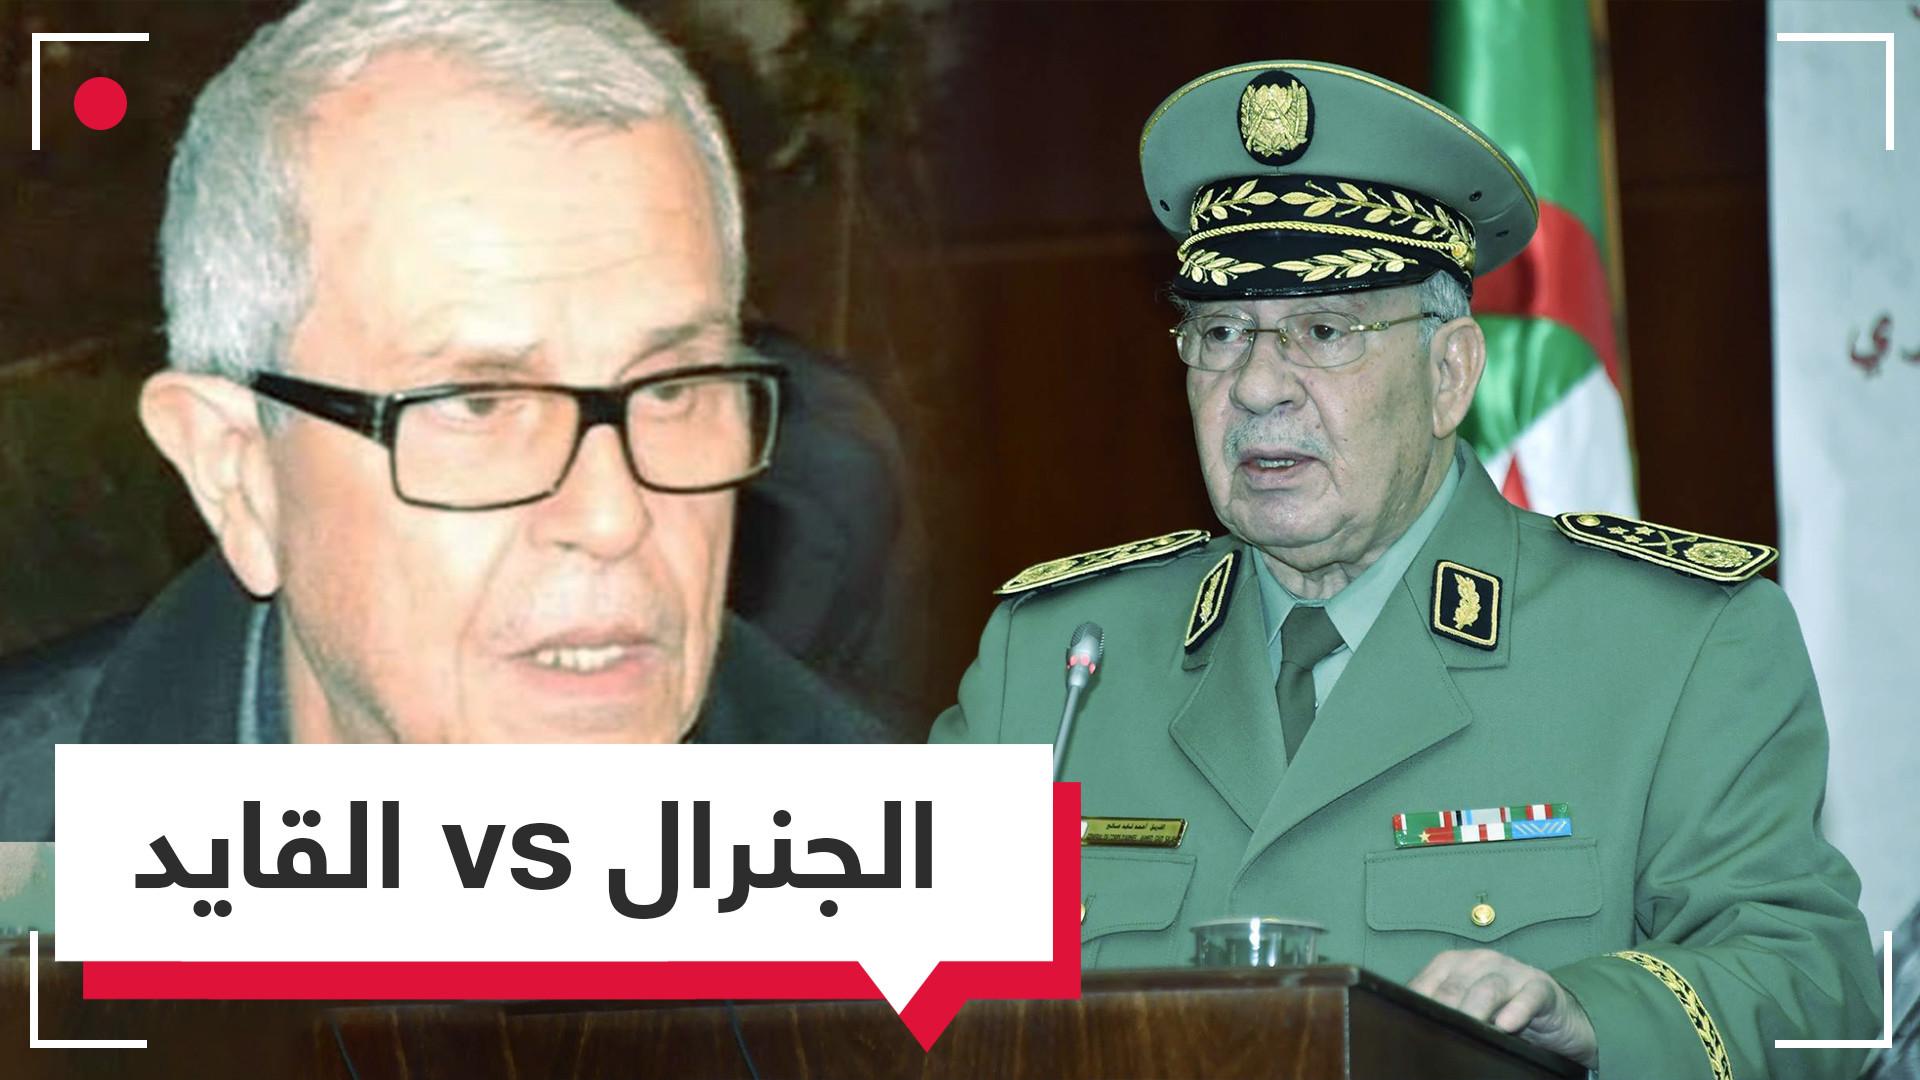 آخر إنذار للجنرال توفيق.. هل نفد صبر رئيس أركان الجيش الجزائري القايد صالح؟